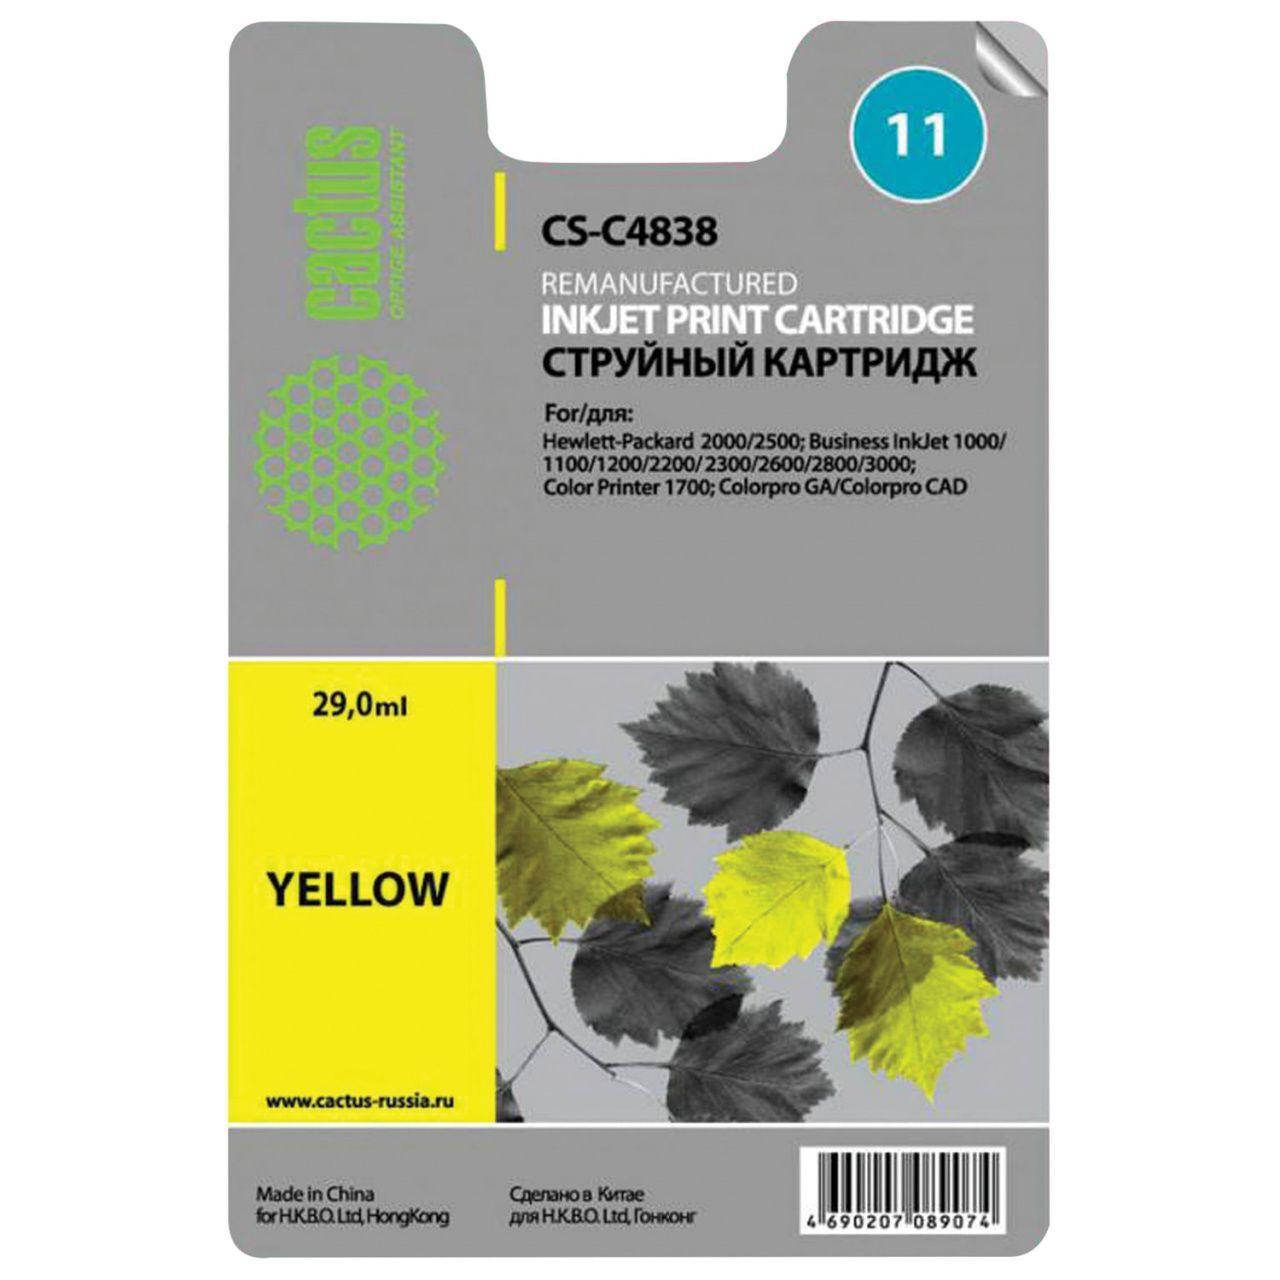 Тонер-картридж Cactus (CS-C4838A), желтый, для струйного принтера, совместимый